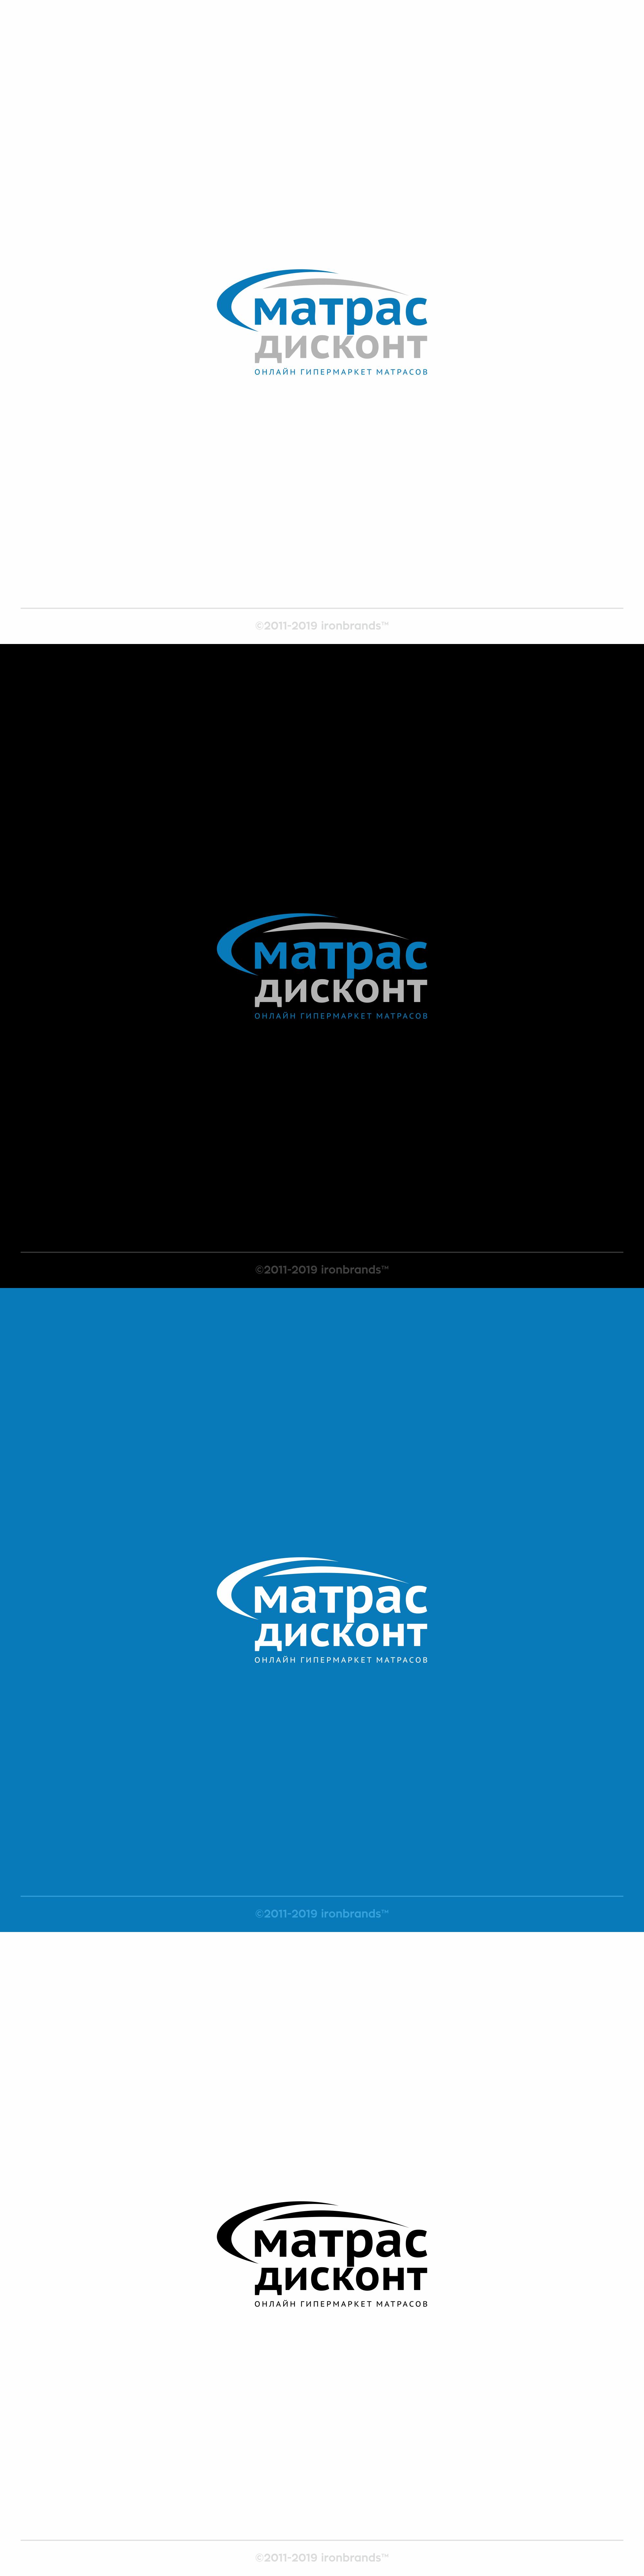 Логотип для ИМ матрасов фото f_2965c88c41bb5e76.jpg